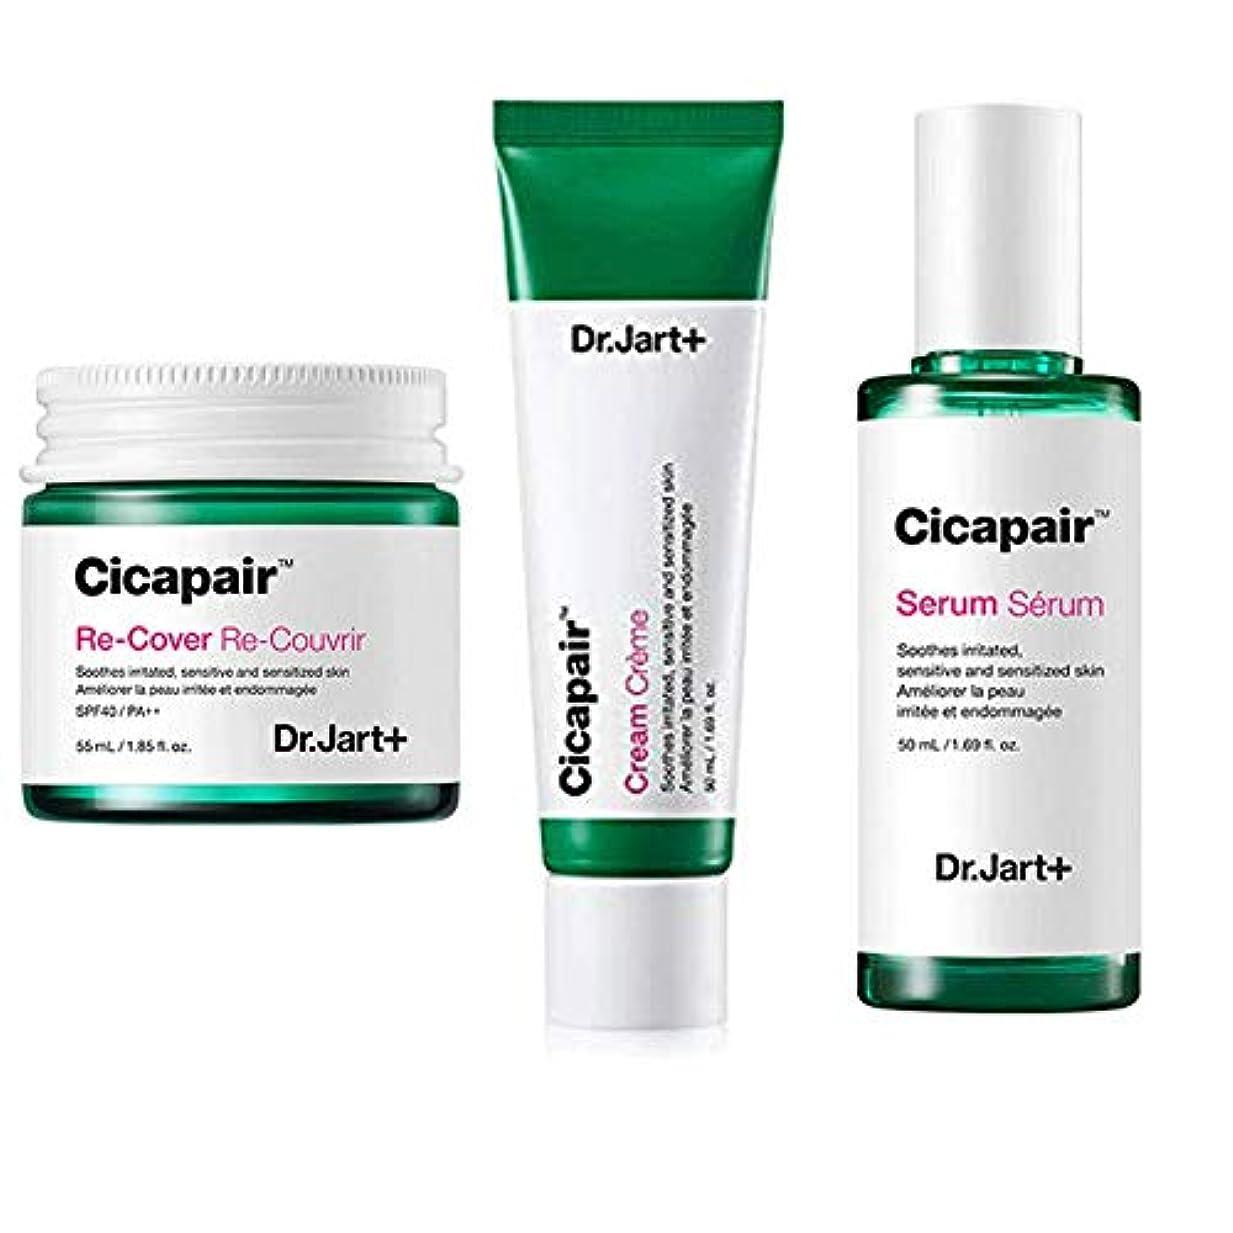 予防接種十分ではない水分Dr.Jart+ Cicapair Cream + ReCover + Serum ドクタージャルトシカペアクリーム50ml + リカバー 55ml + セラム 50ml(2代目) セット [並行輸入品]